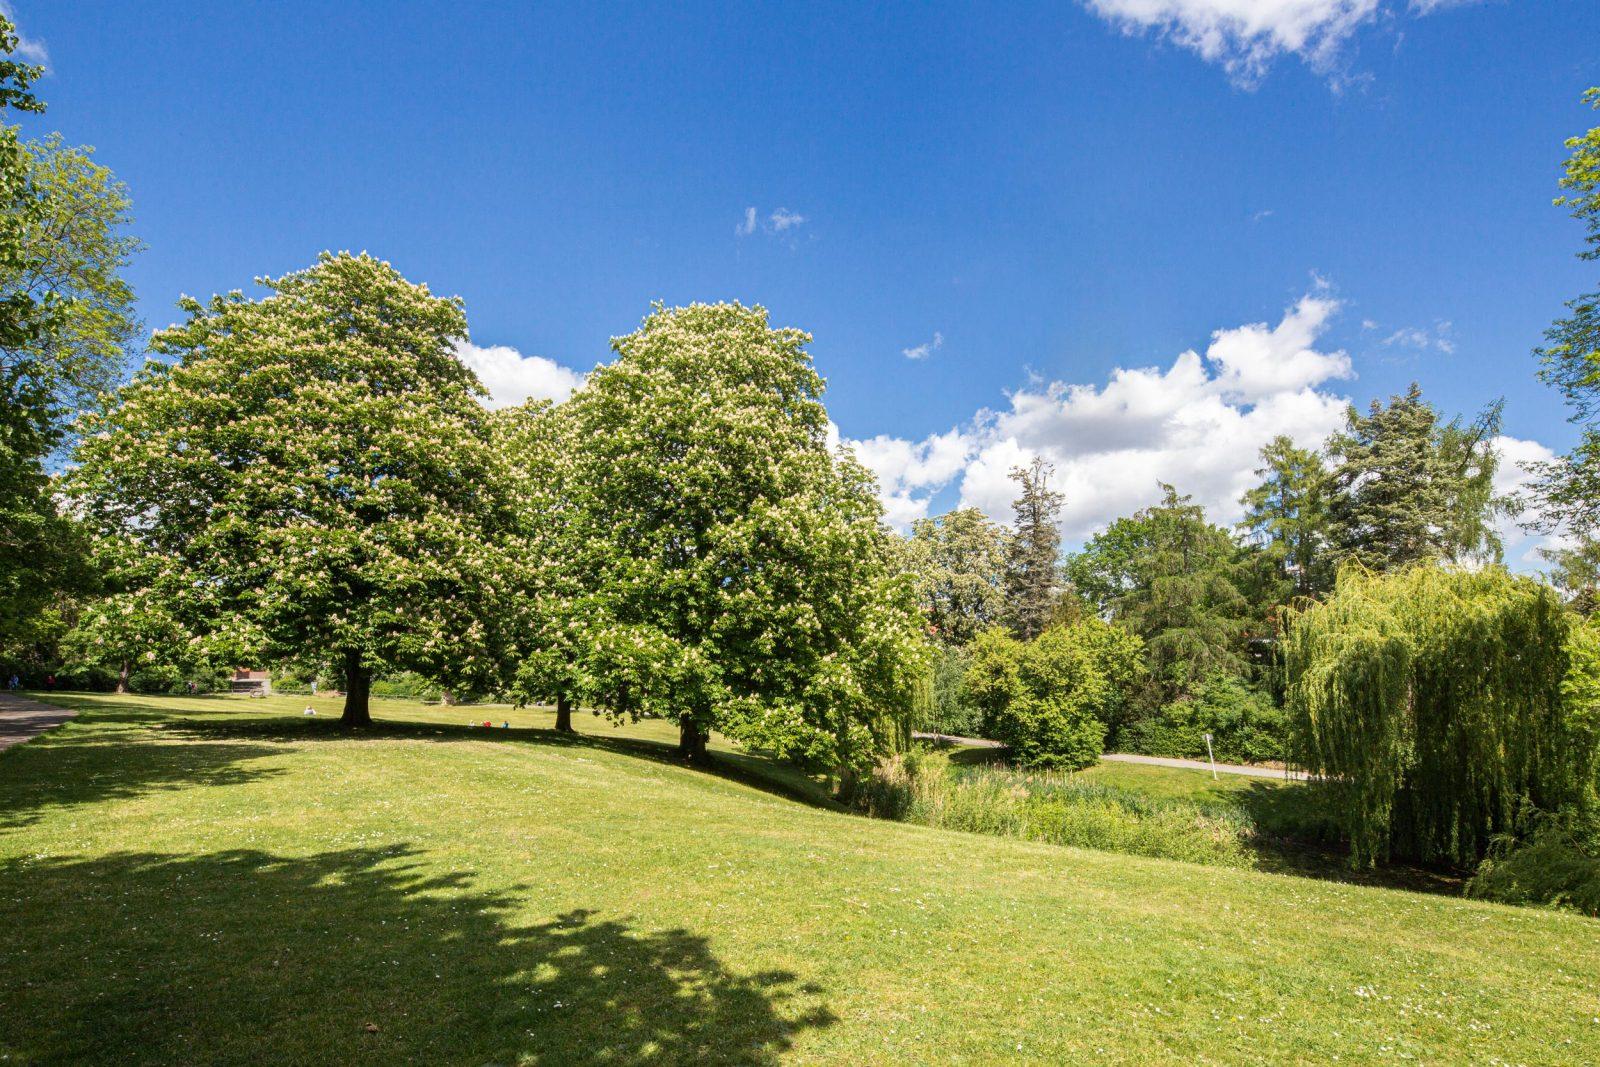 Eine mit Bäumen umgebene grüne Oase: Der Pompinius-Park am Landoltweg